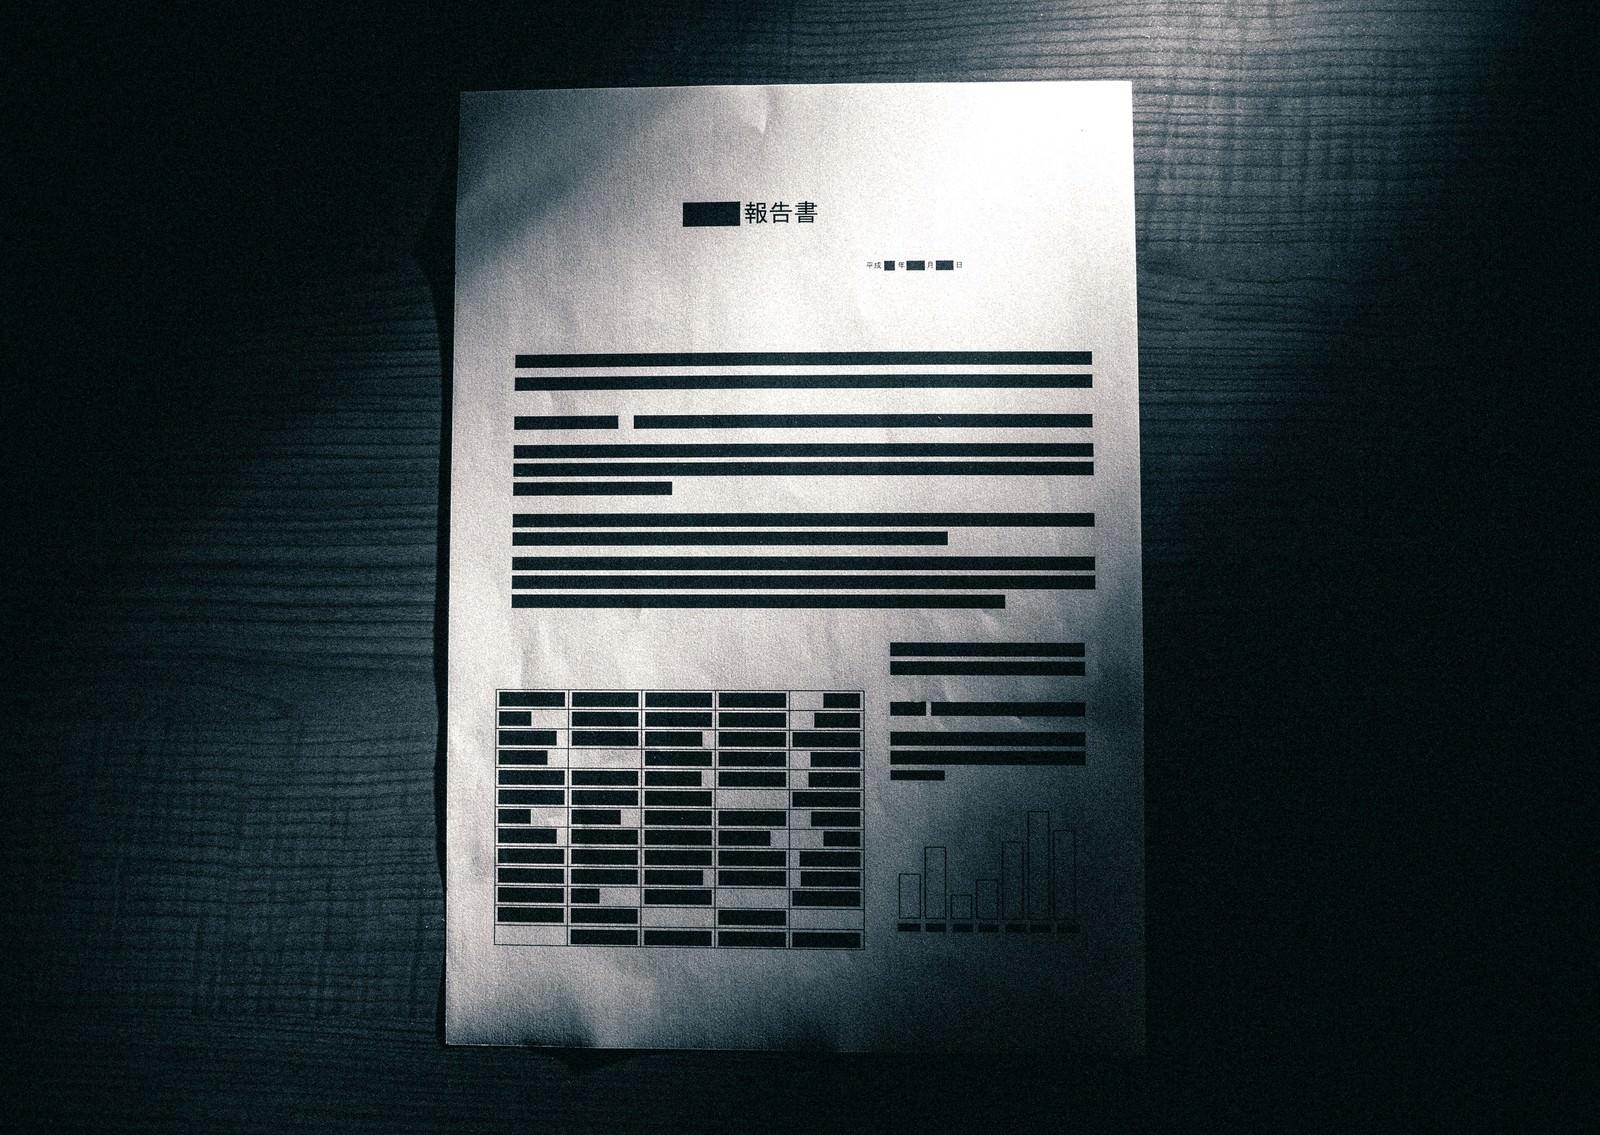 「黒塗りされた報告書」の写真